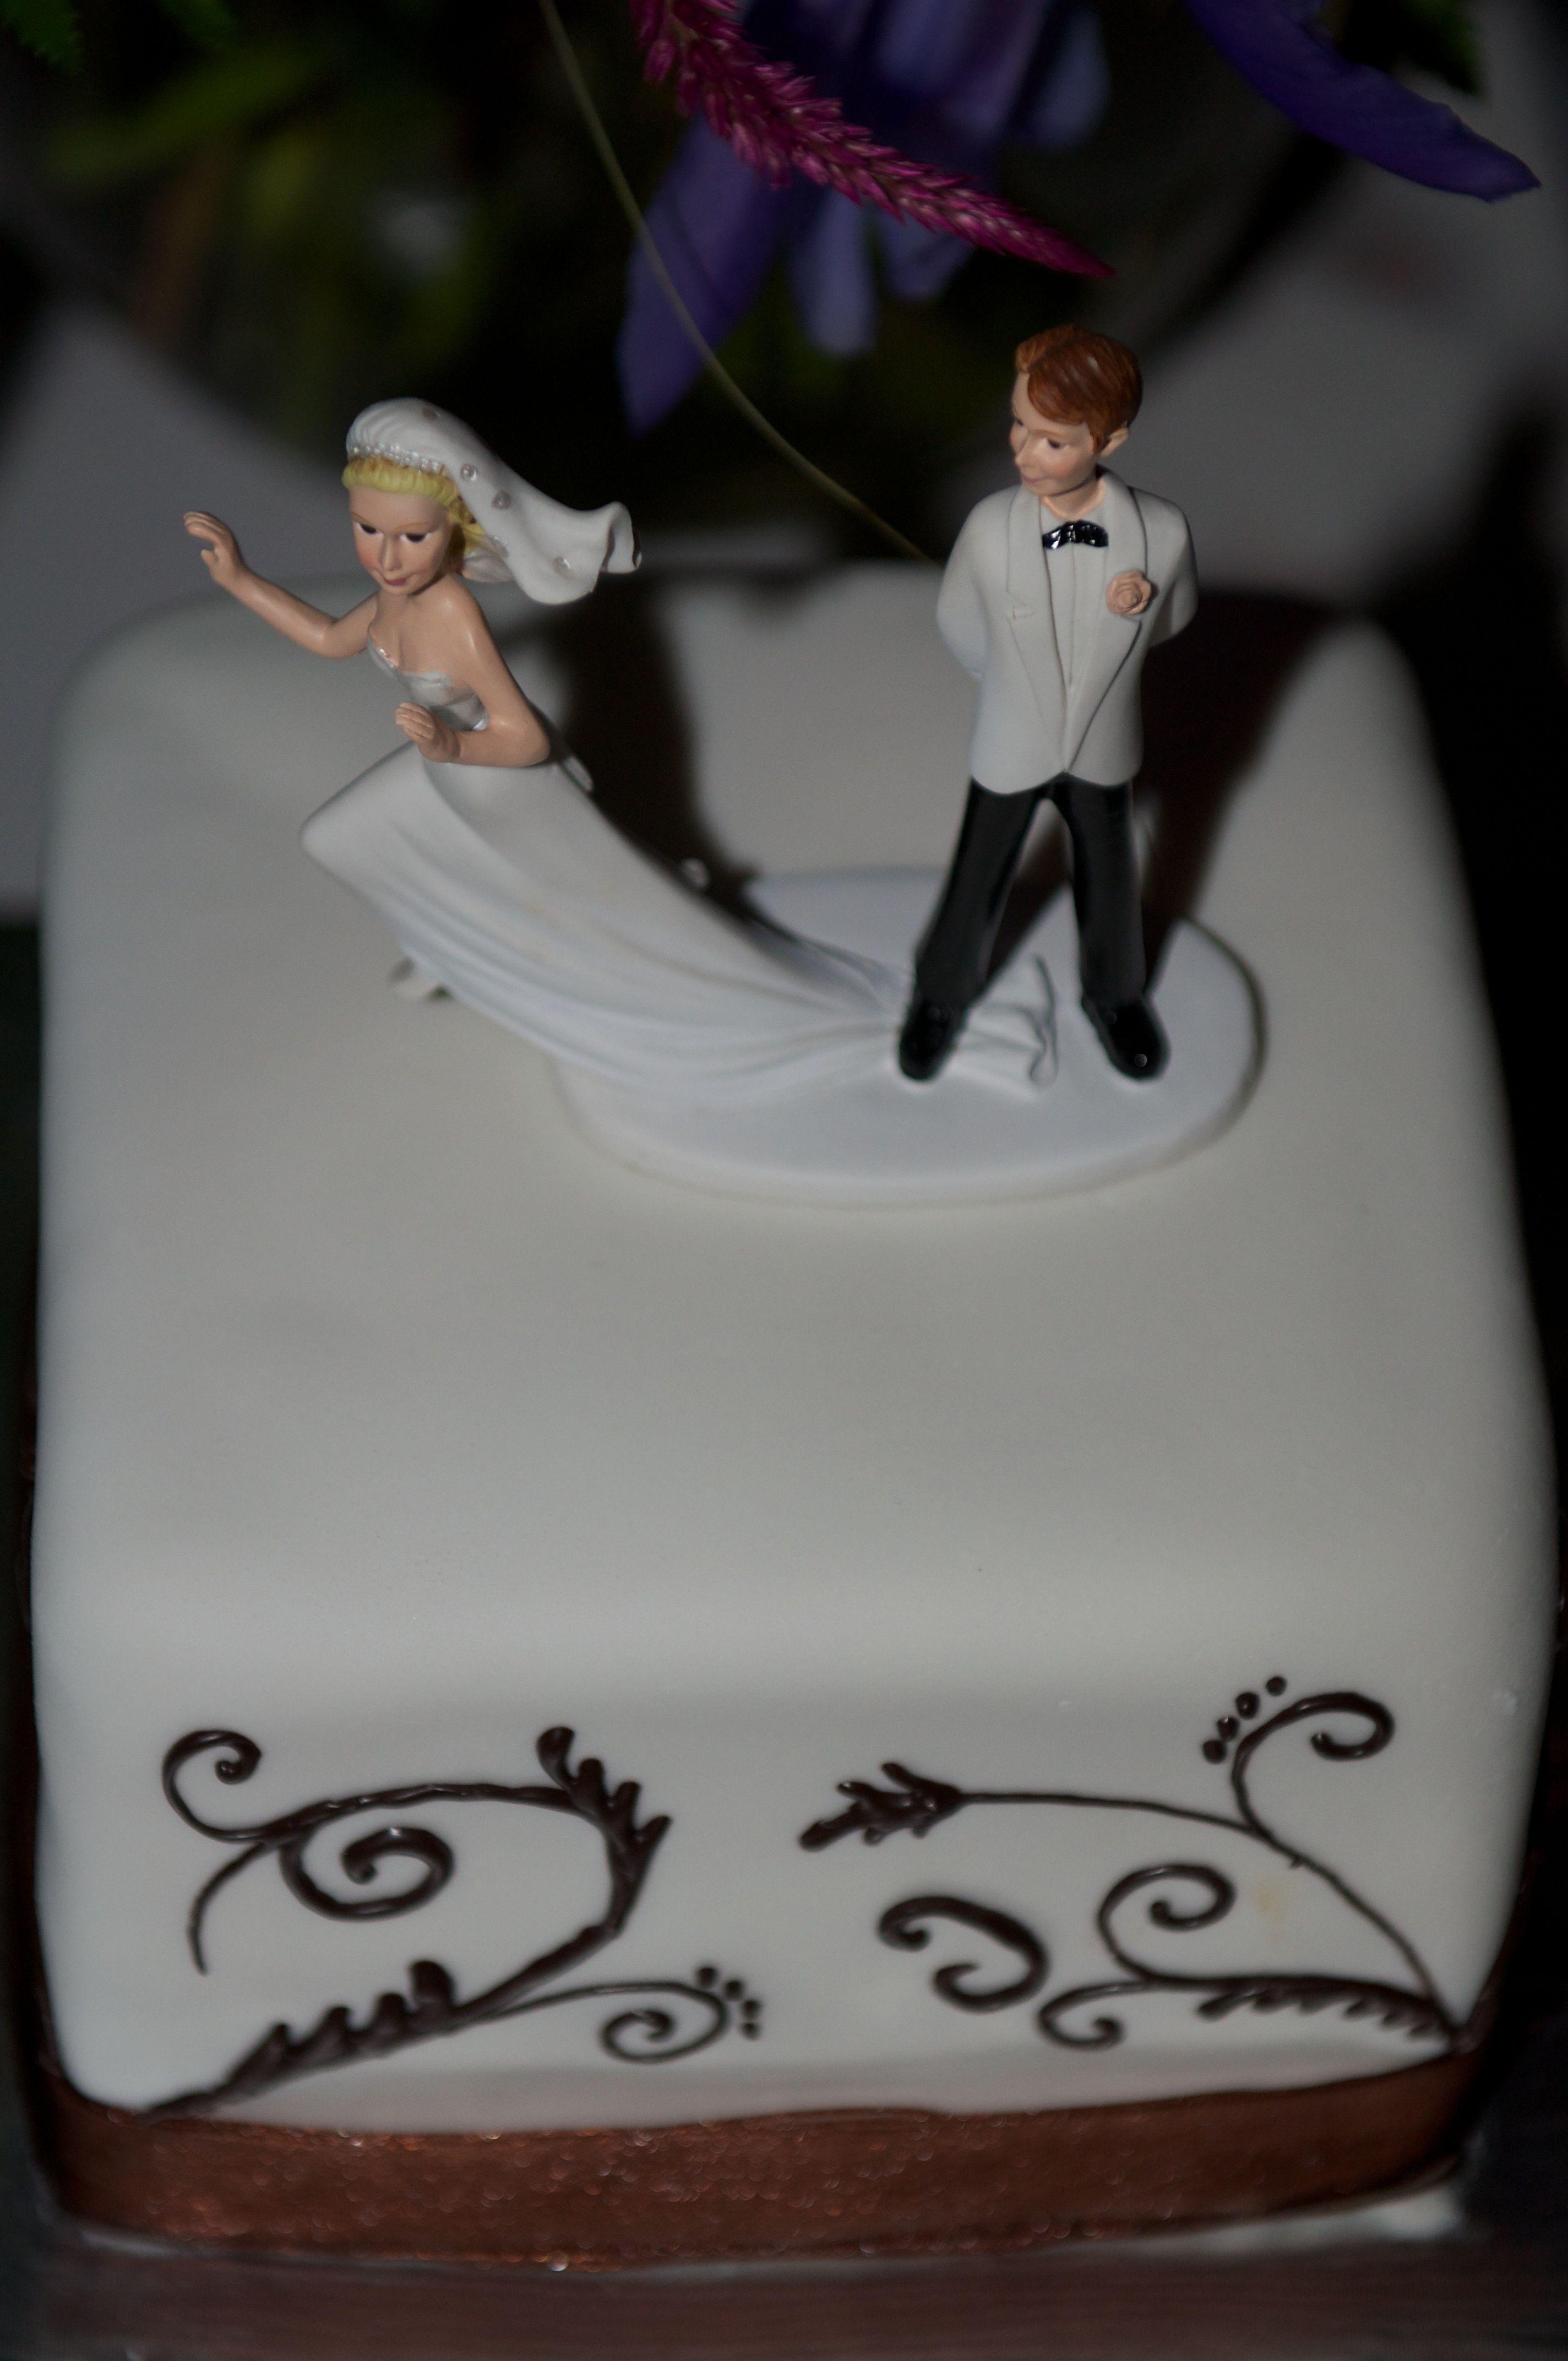 Cake topper runaway bride runaway bride bride wedding